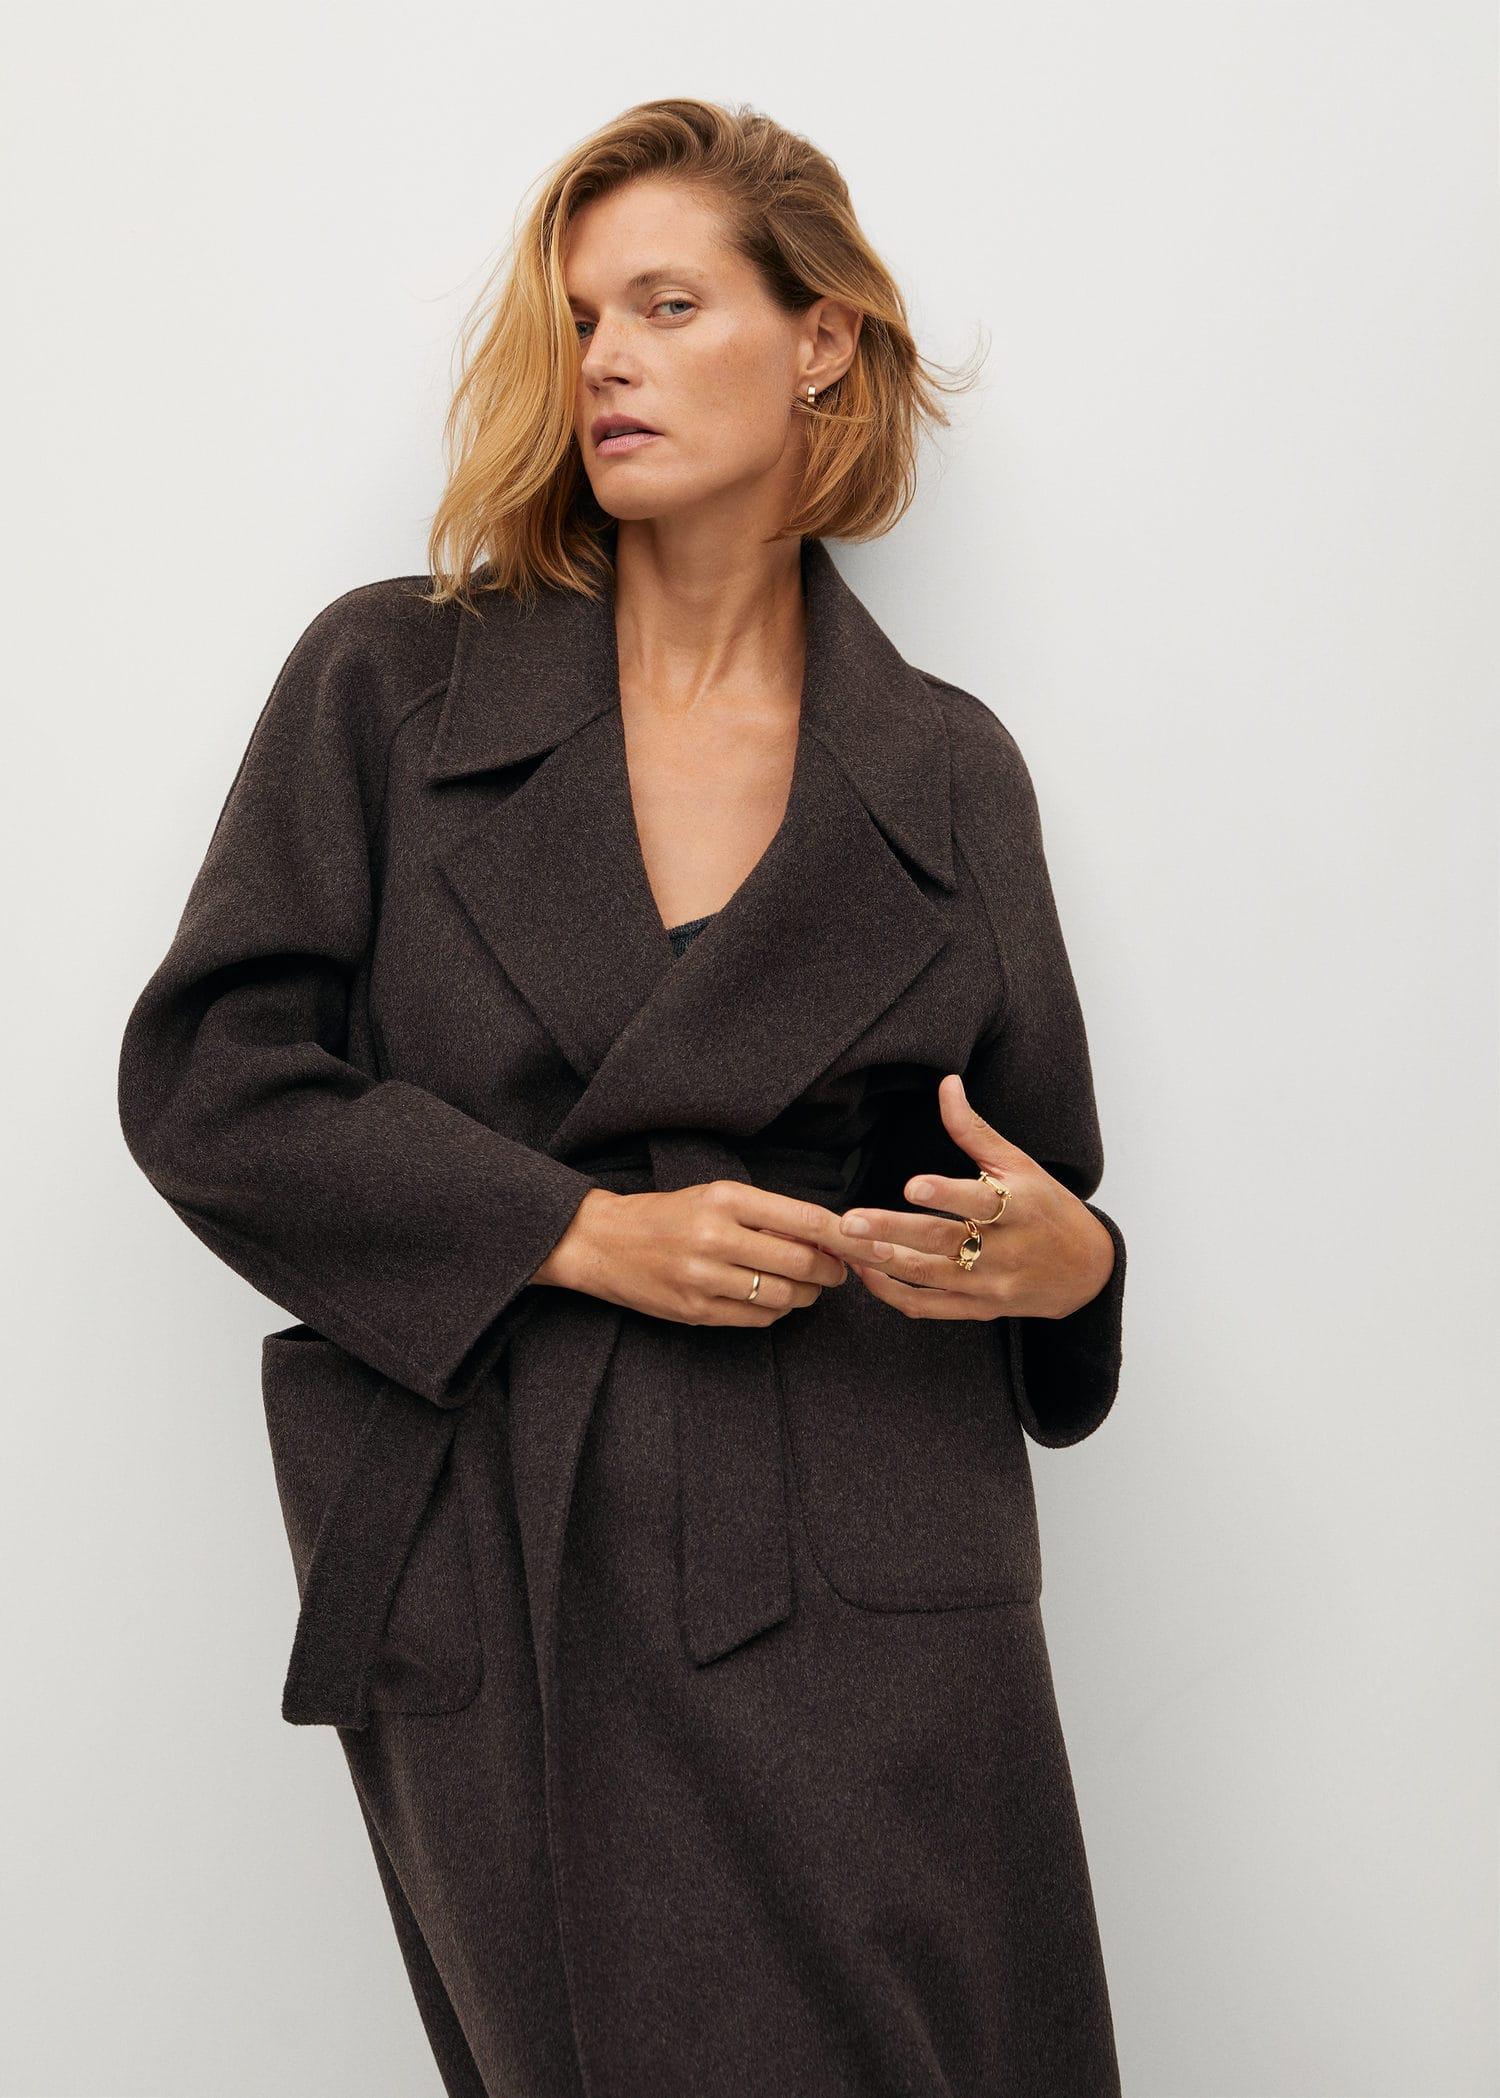 Lange wollige jas | Jassen, Dagelijkse outfit, Mode